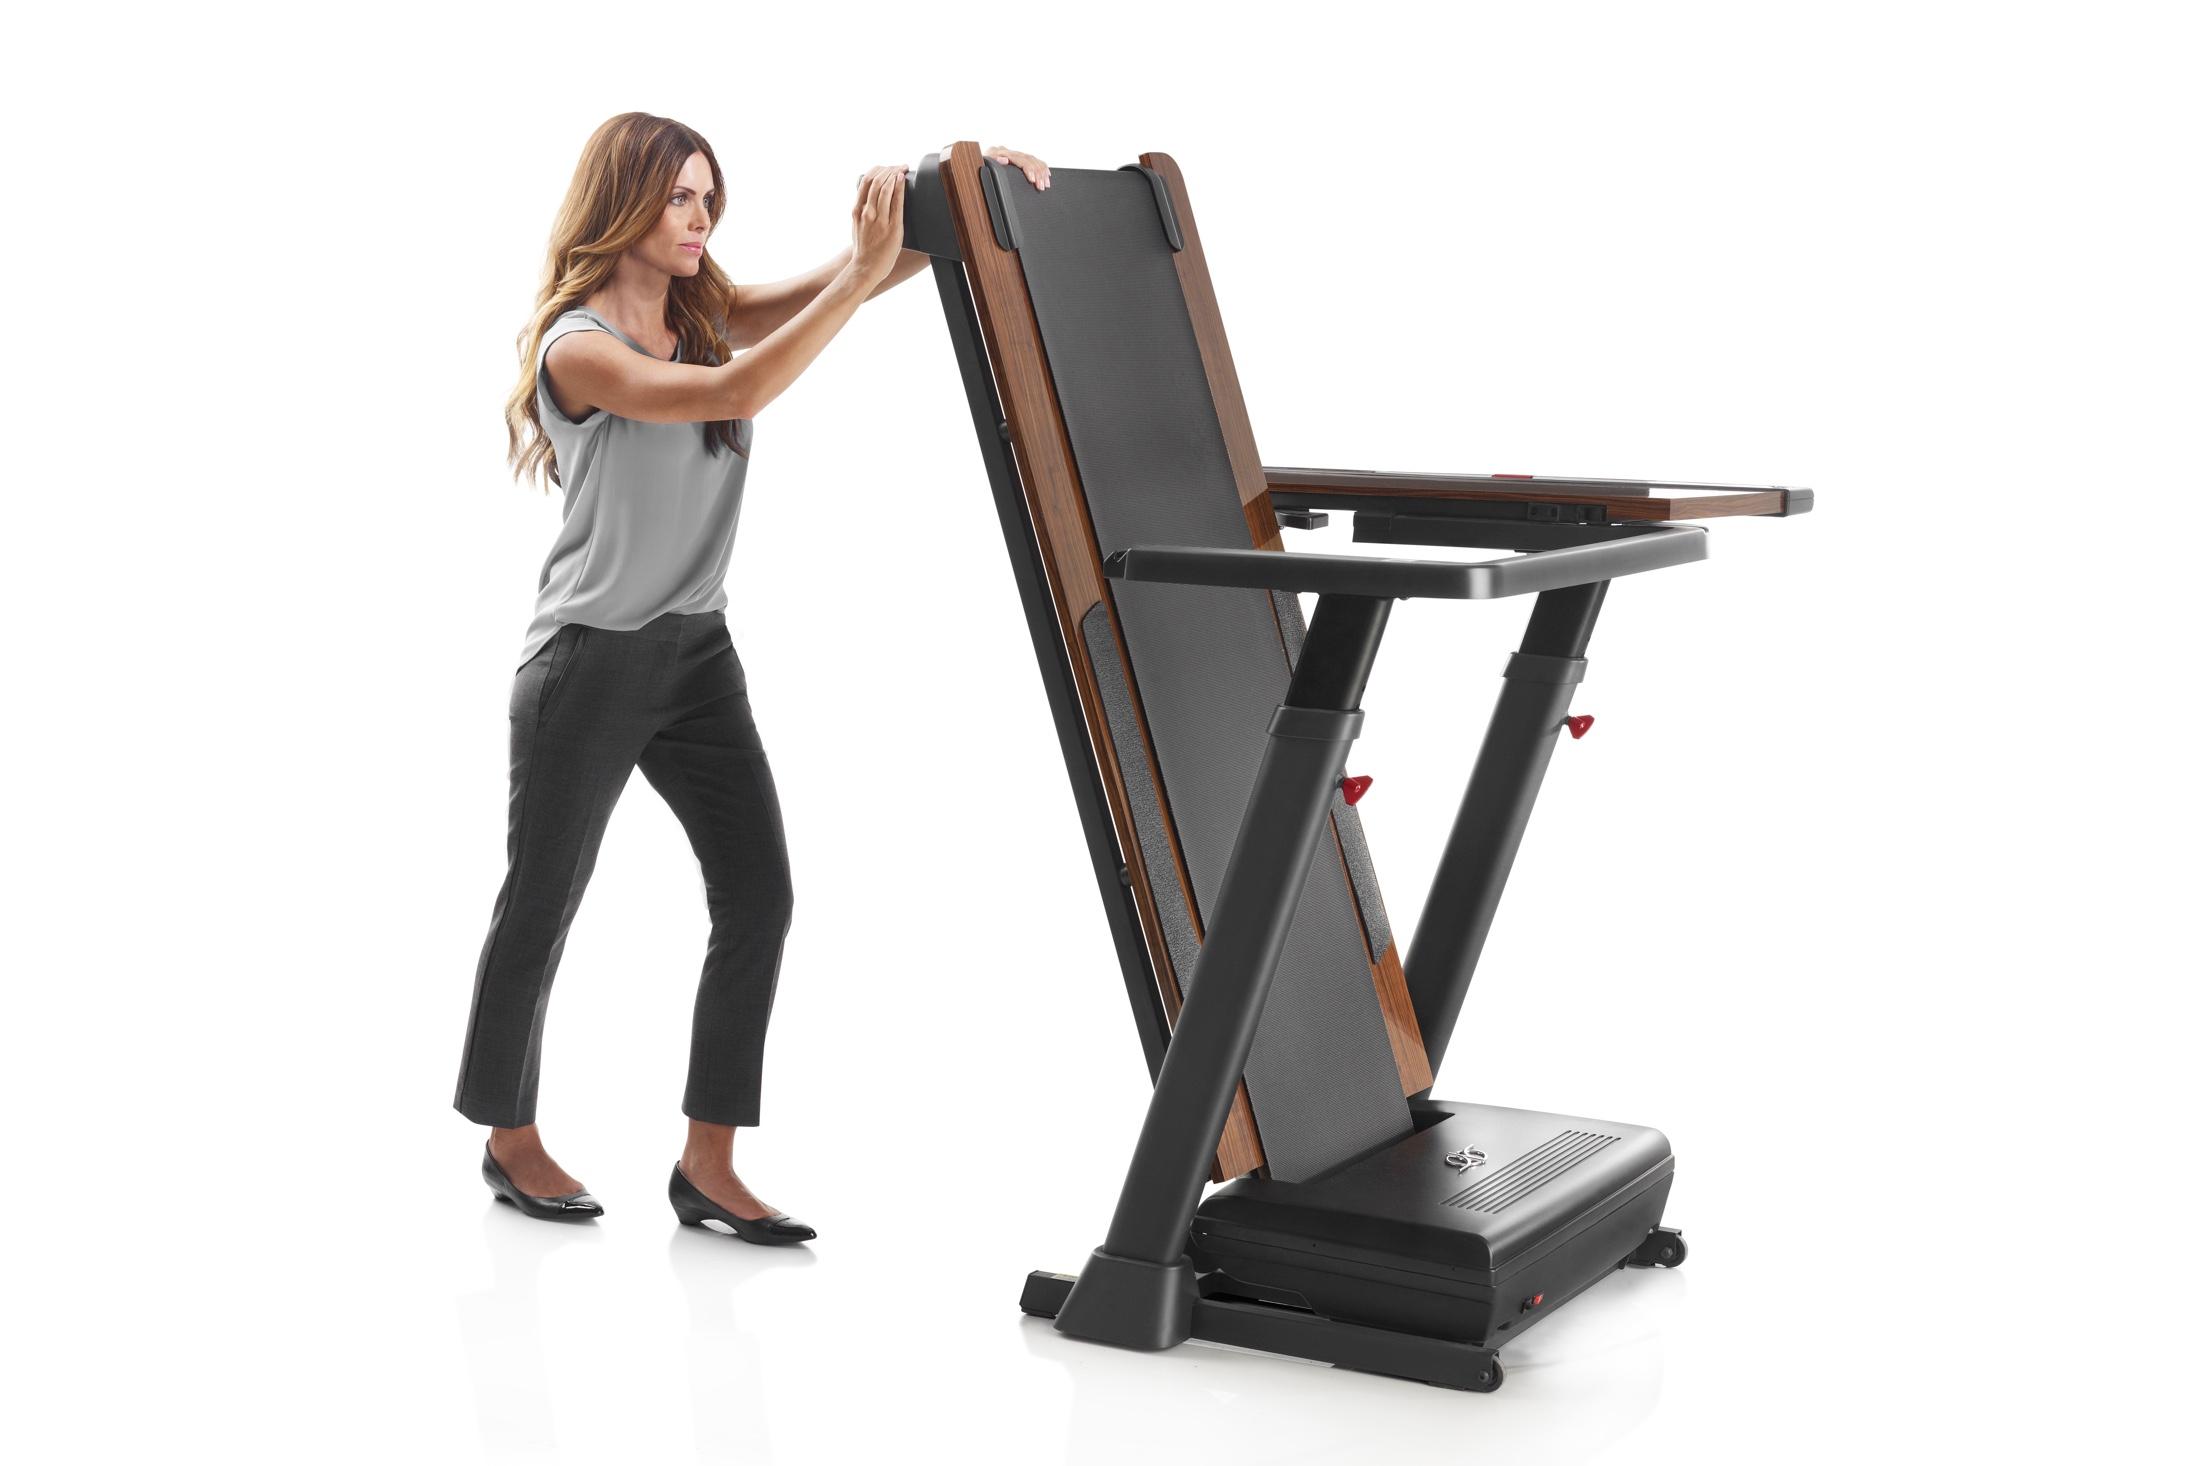 NordicTrack Treadmill Desk gallery image 7